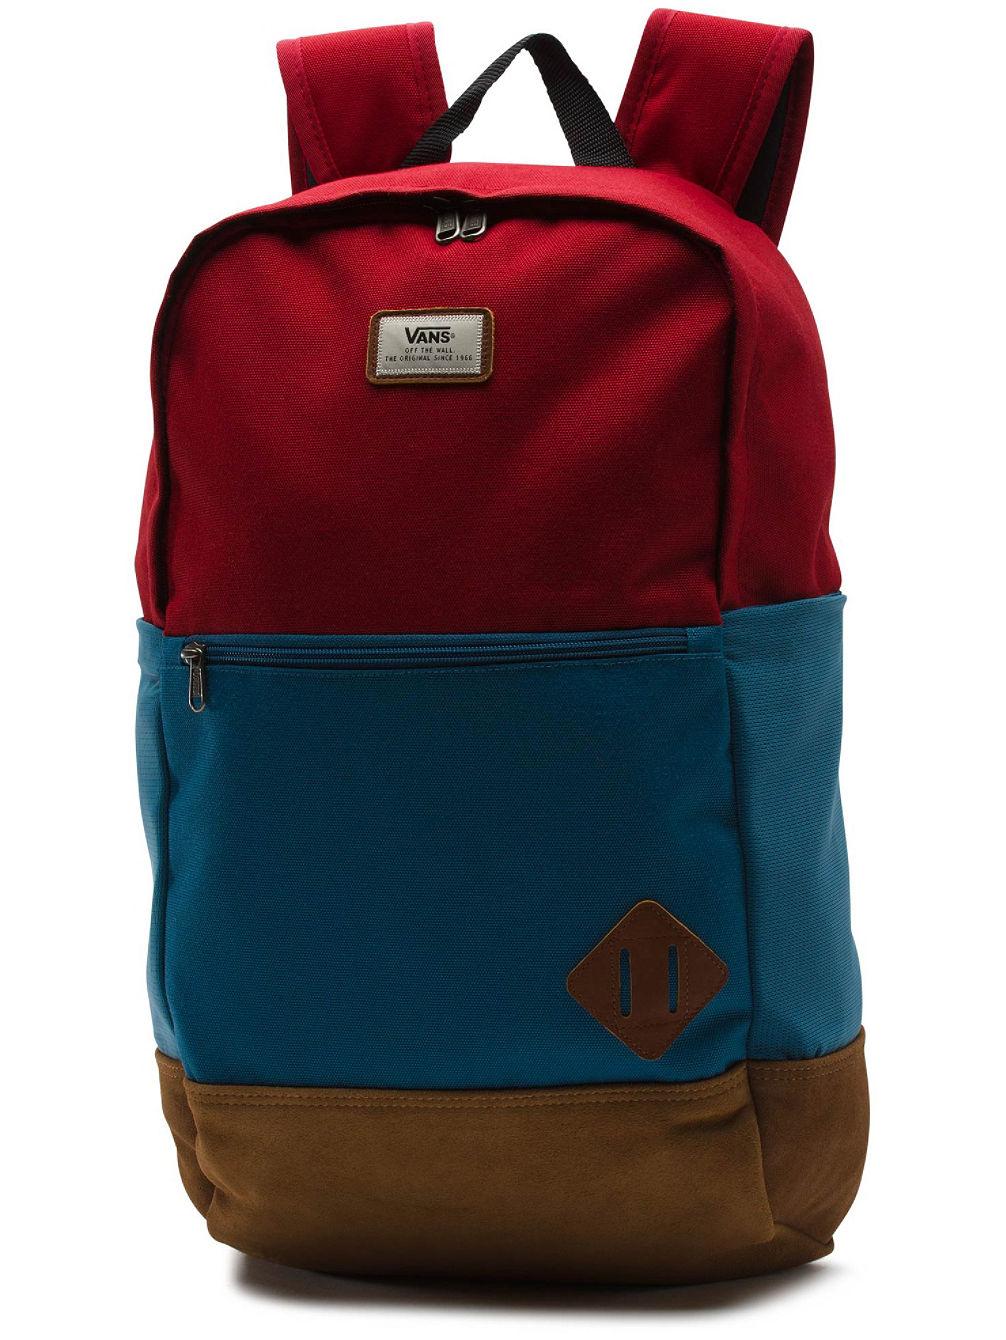 vans-van-doren-iii-backpack